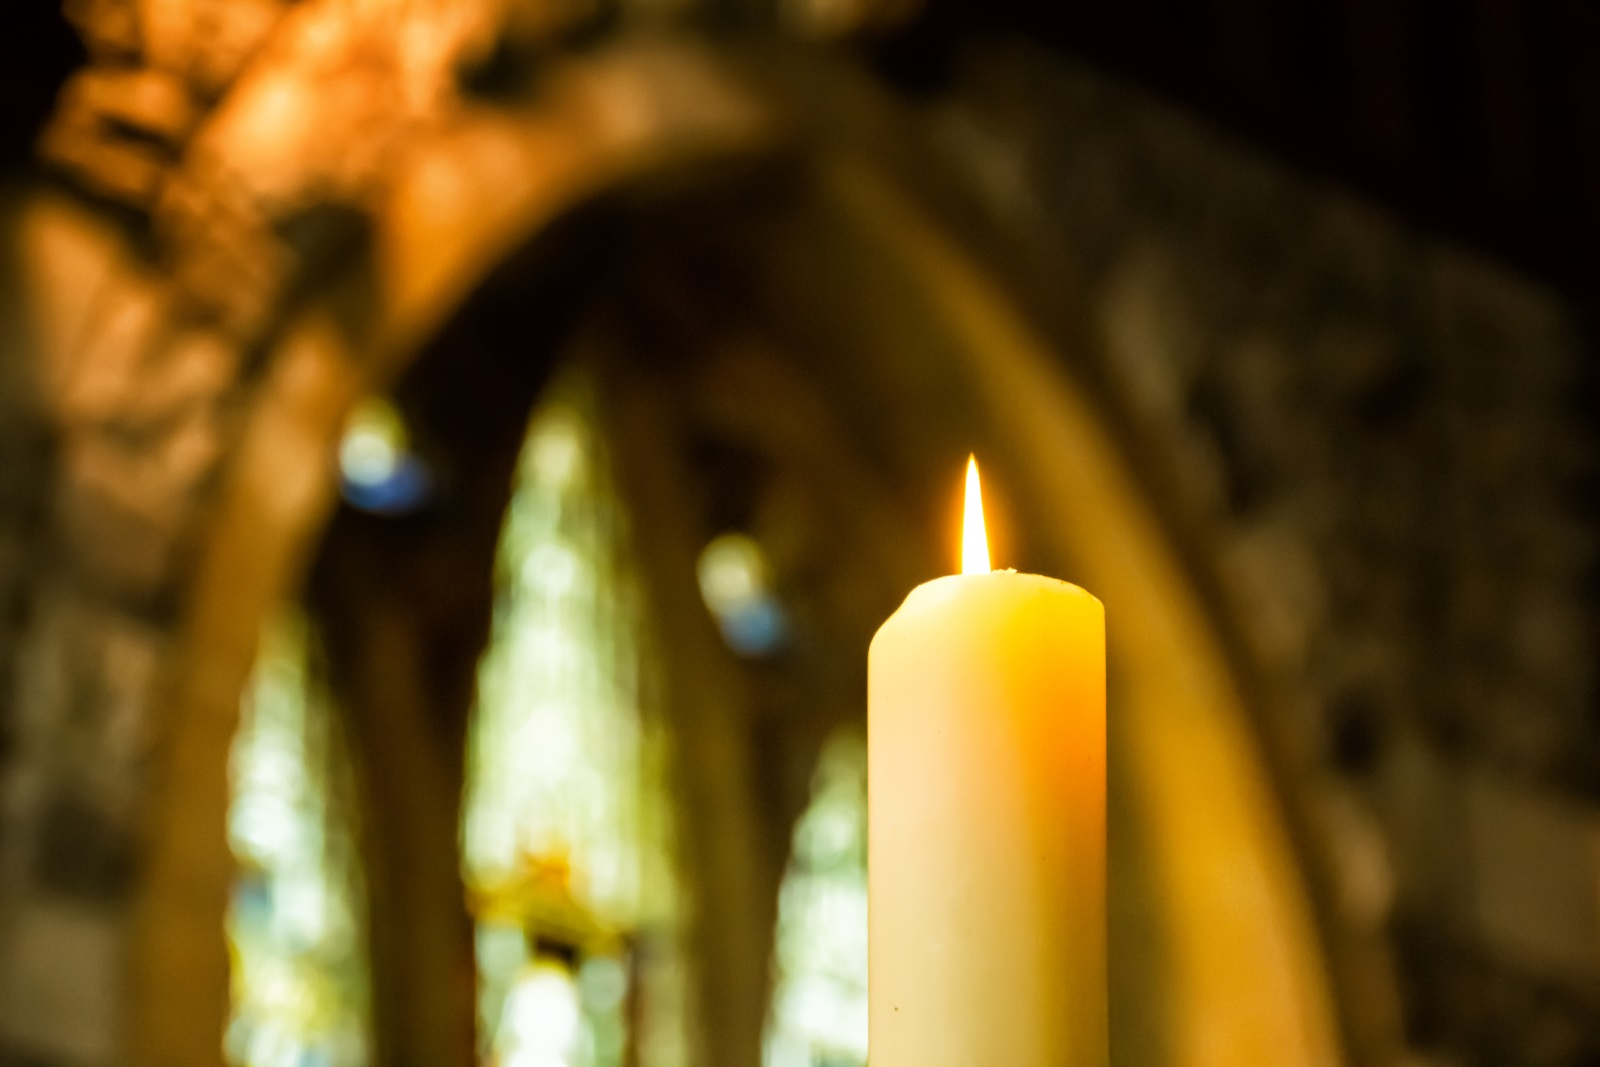 <p>На 17 март&nbsp;се&nbsp;почита паметта на Св. преподобни Алексий, човек Божи. Имен ден празнуват всички, носещи имената Алеко, Алекса, Алексей, Алекси, Алексий. Името Алекси се приема като кратка форма на гръцкото име Алексей, което означава защитник. В случая Св. Алексий получил званието &quot;Божи човек&quot;.</p>